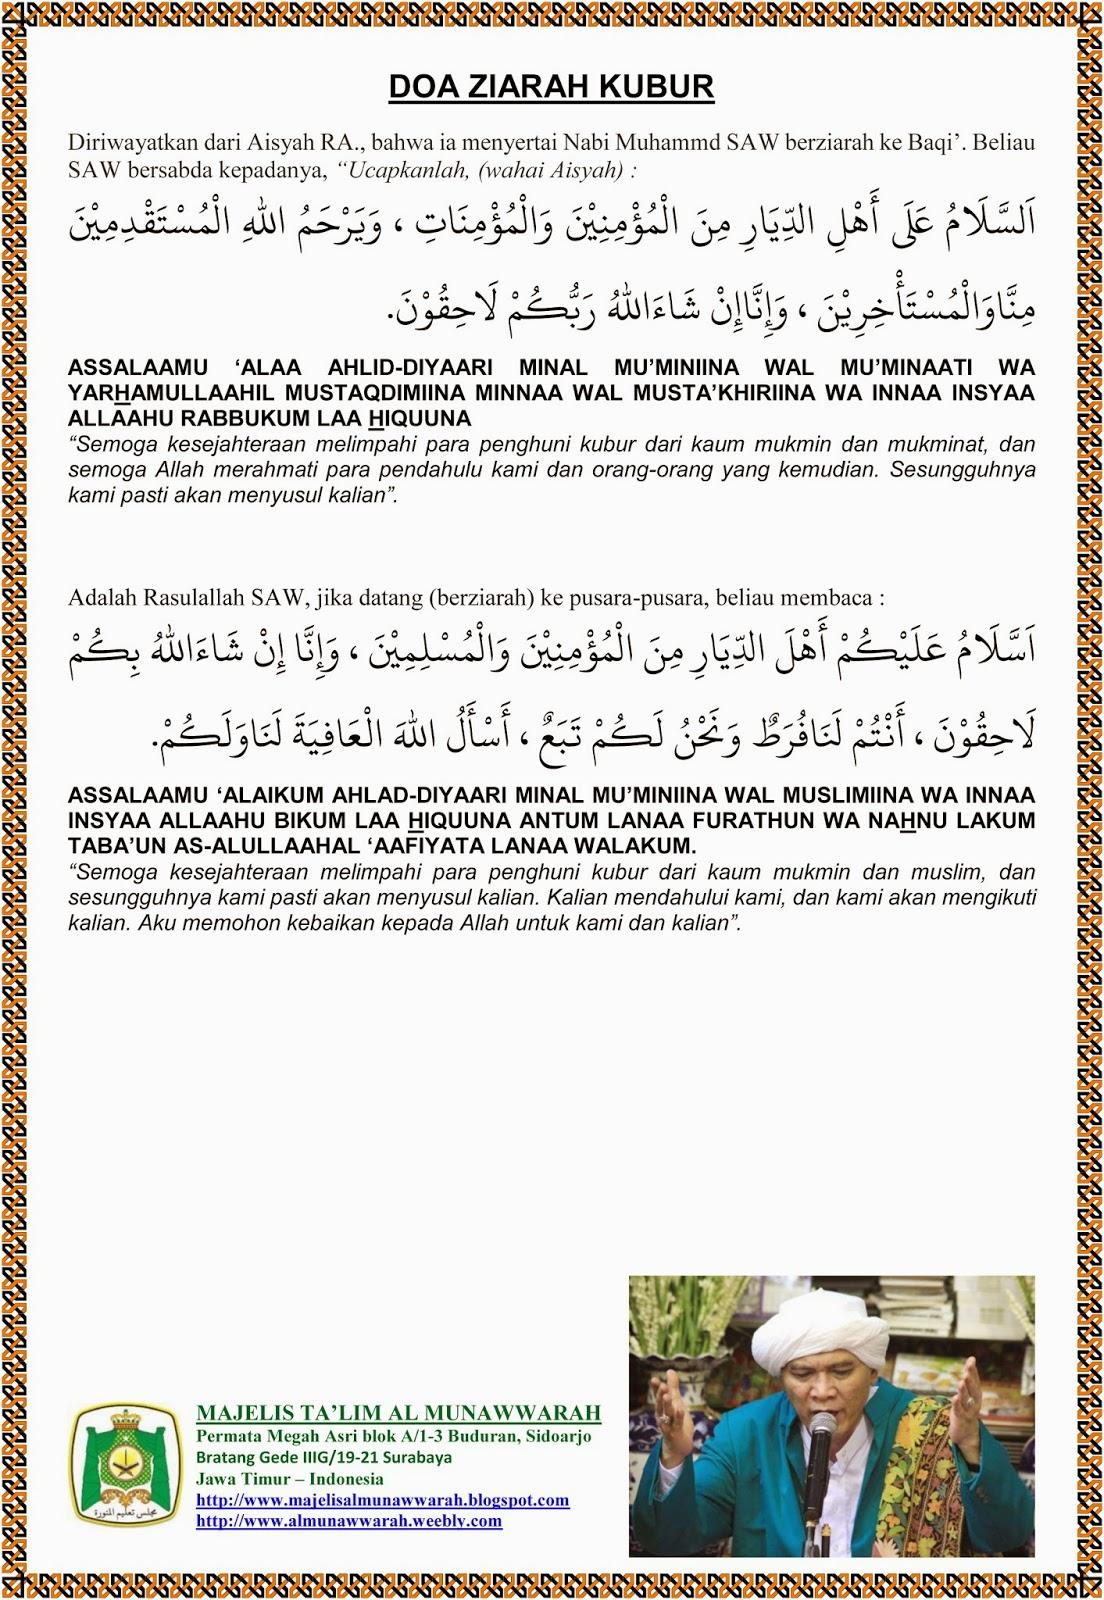 Doa Ziarah Kubur Majelis Talim Almunawwarah